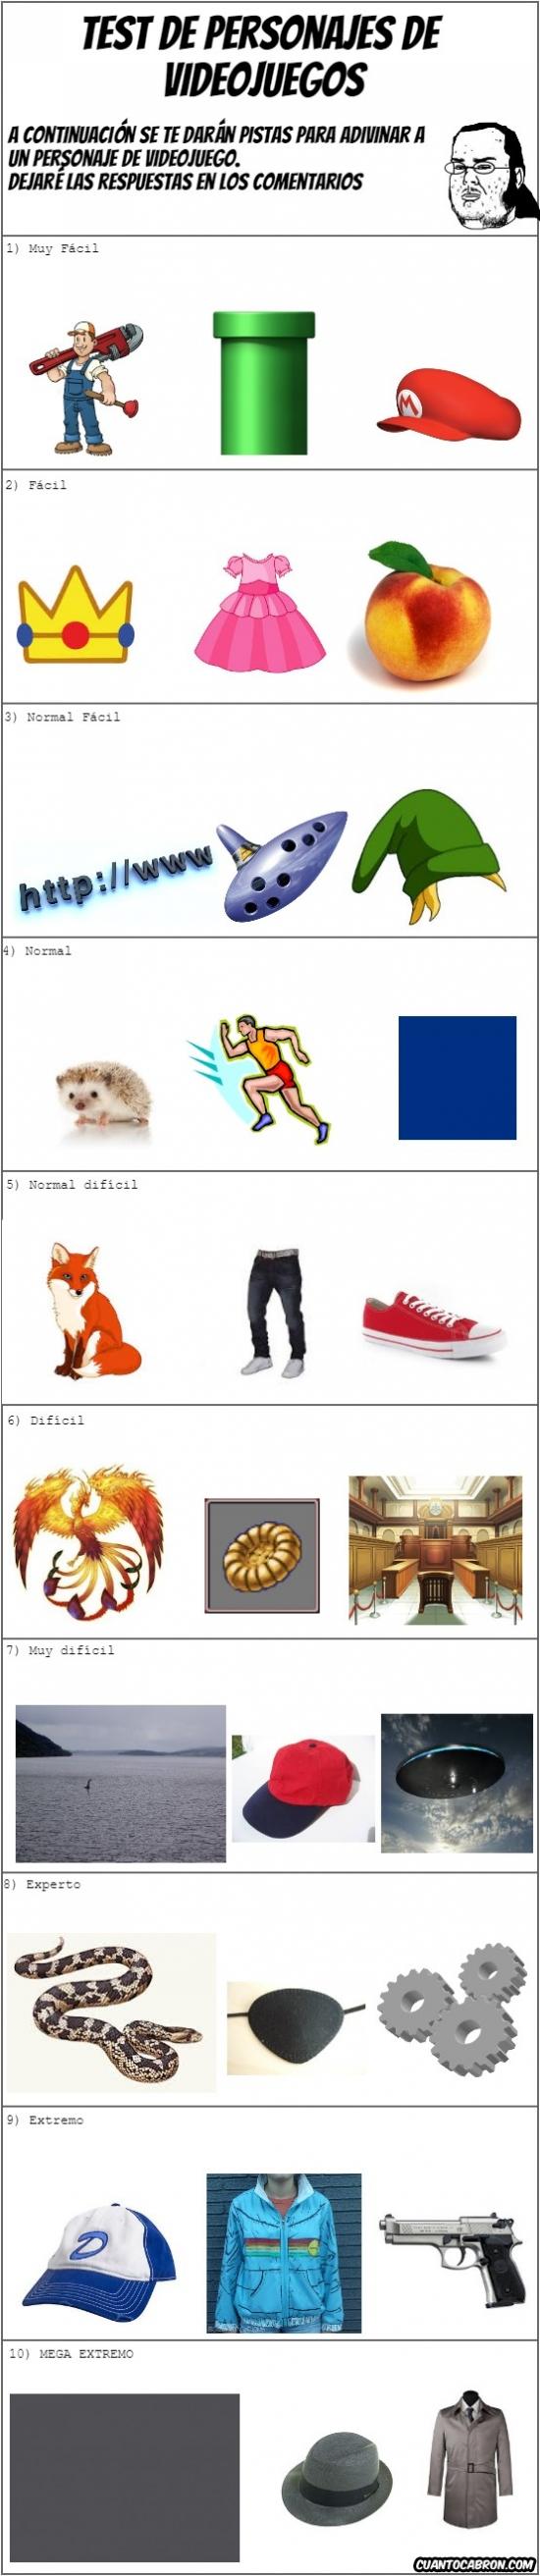 Mix - ¿Podrás adivinar a estos personajes de videojuegos?